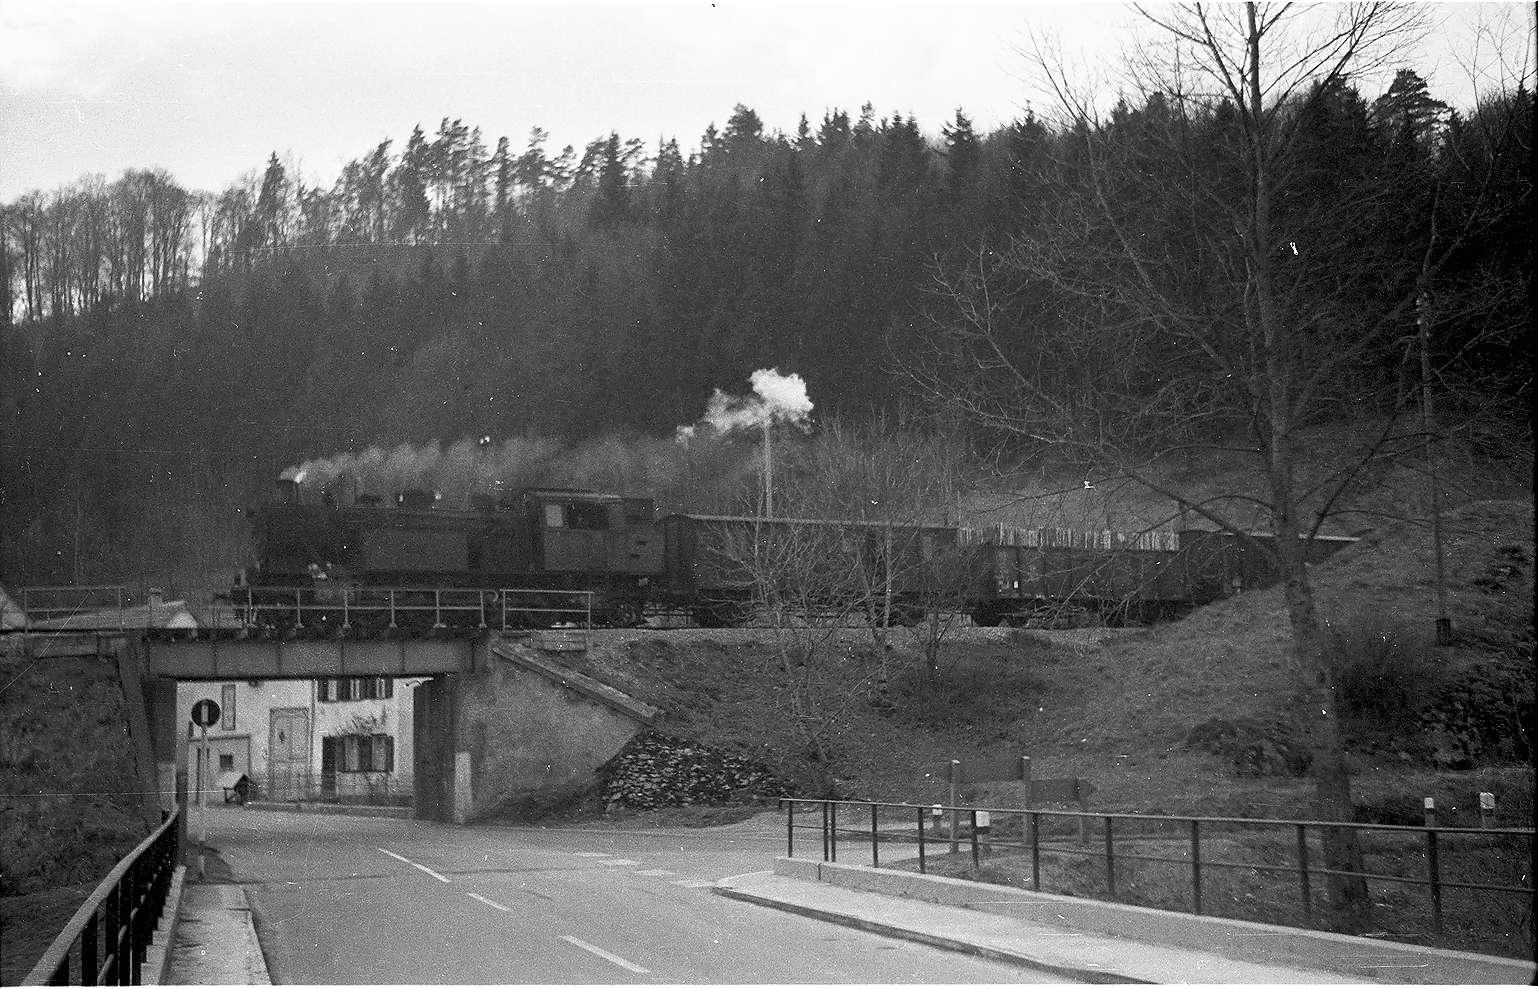 Lok 15 bei Veringendorf, bis 1971 ging die Bundesstraße 32 noch mitten durch Veringendorf, Bild 1